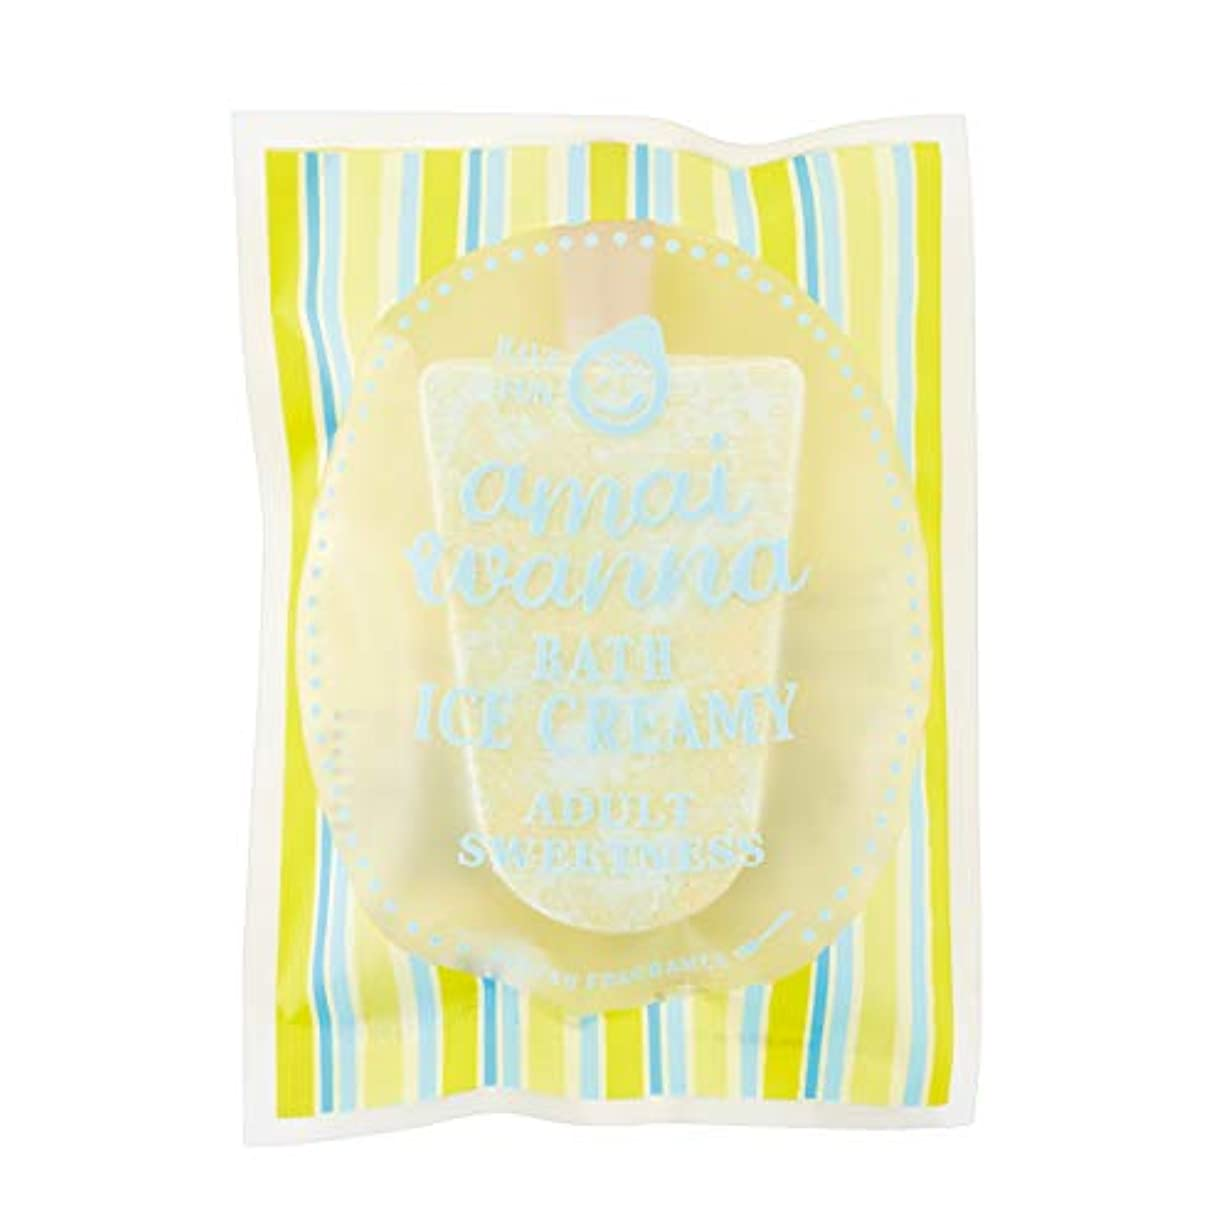 シーフードタブレット子供っぽいアマイワナSP バスアイスクリーミー 大人の甘美デザート60g(とろみのつく入浴料 メッセージ付 ギフト)